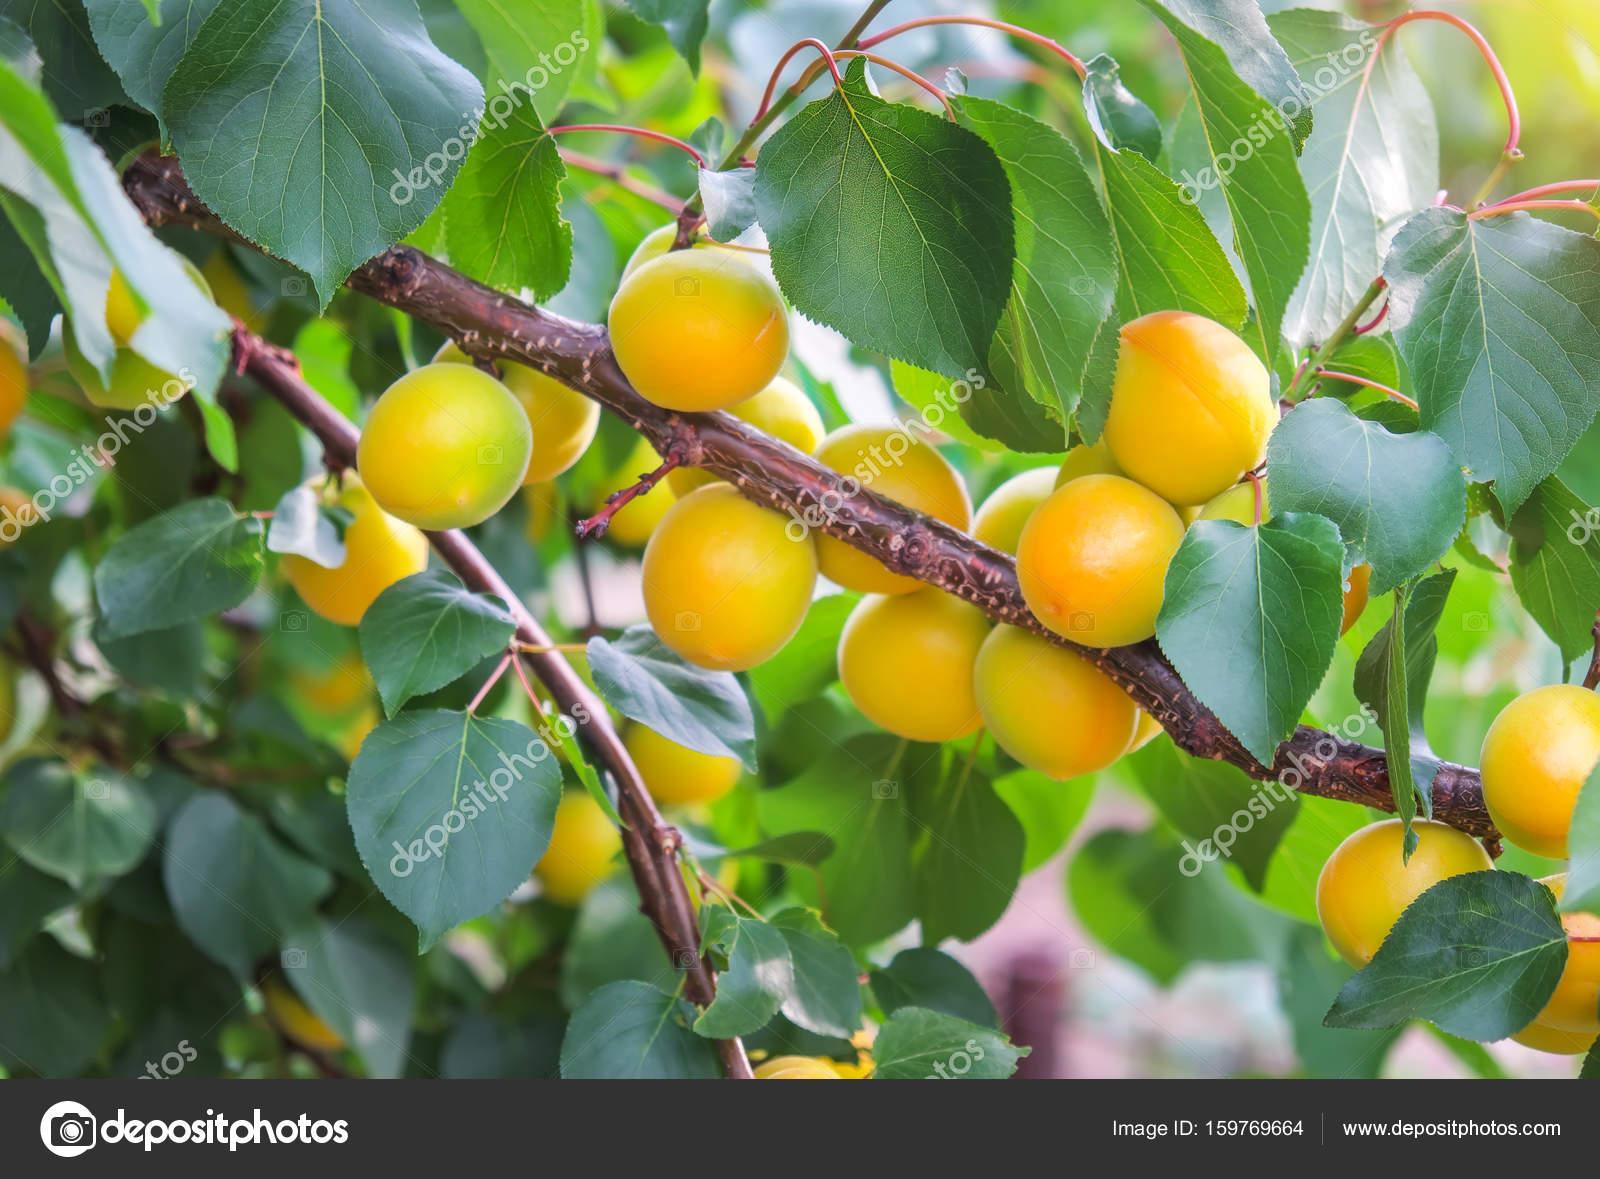 Aprikosenbaum Mit Früchten Zweige Und Blätter Reifen Aprikosen